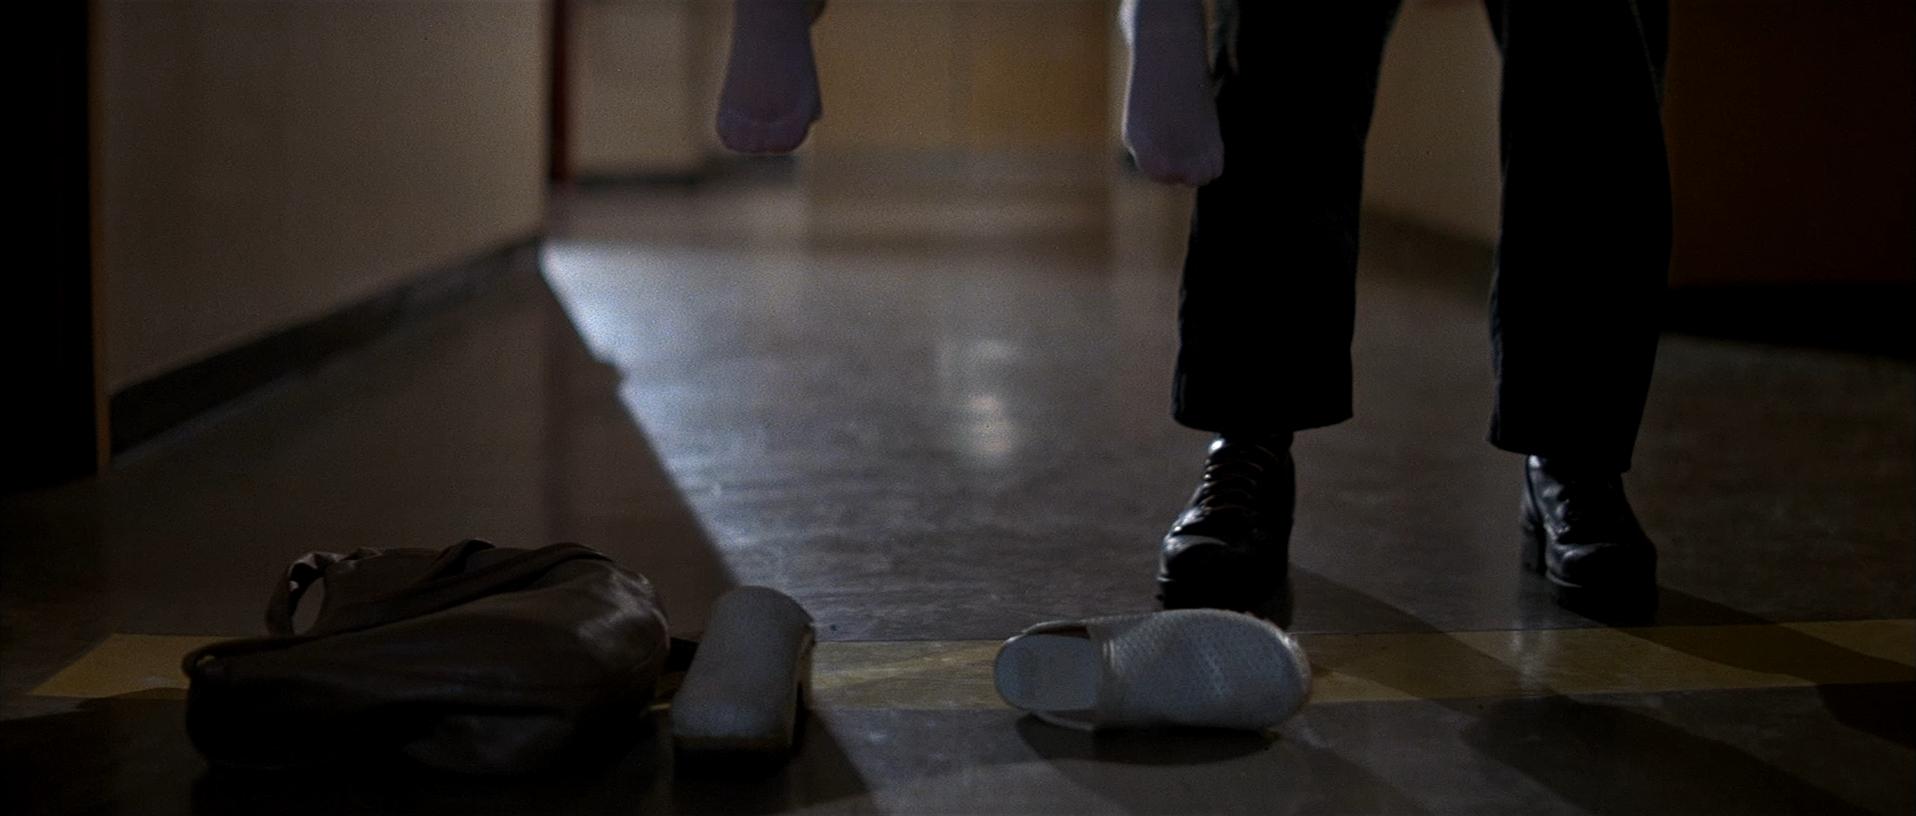 kathleen kinmont feet